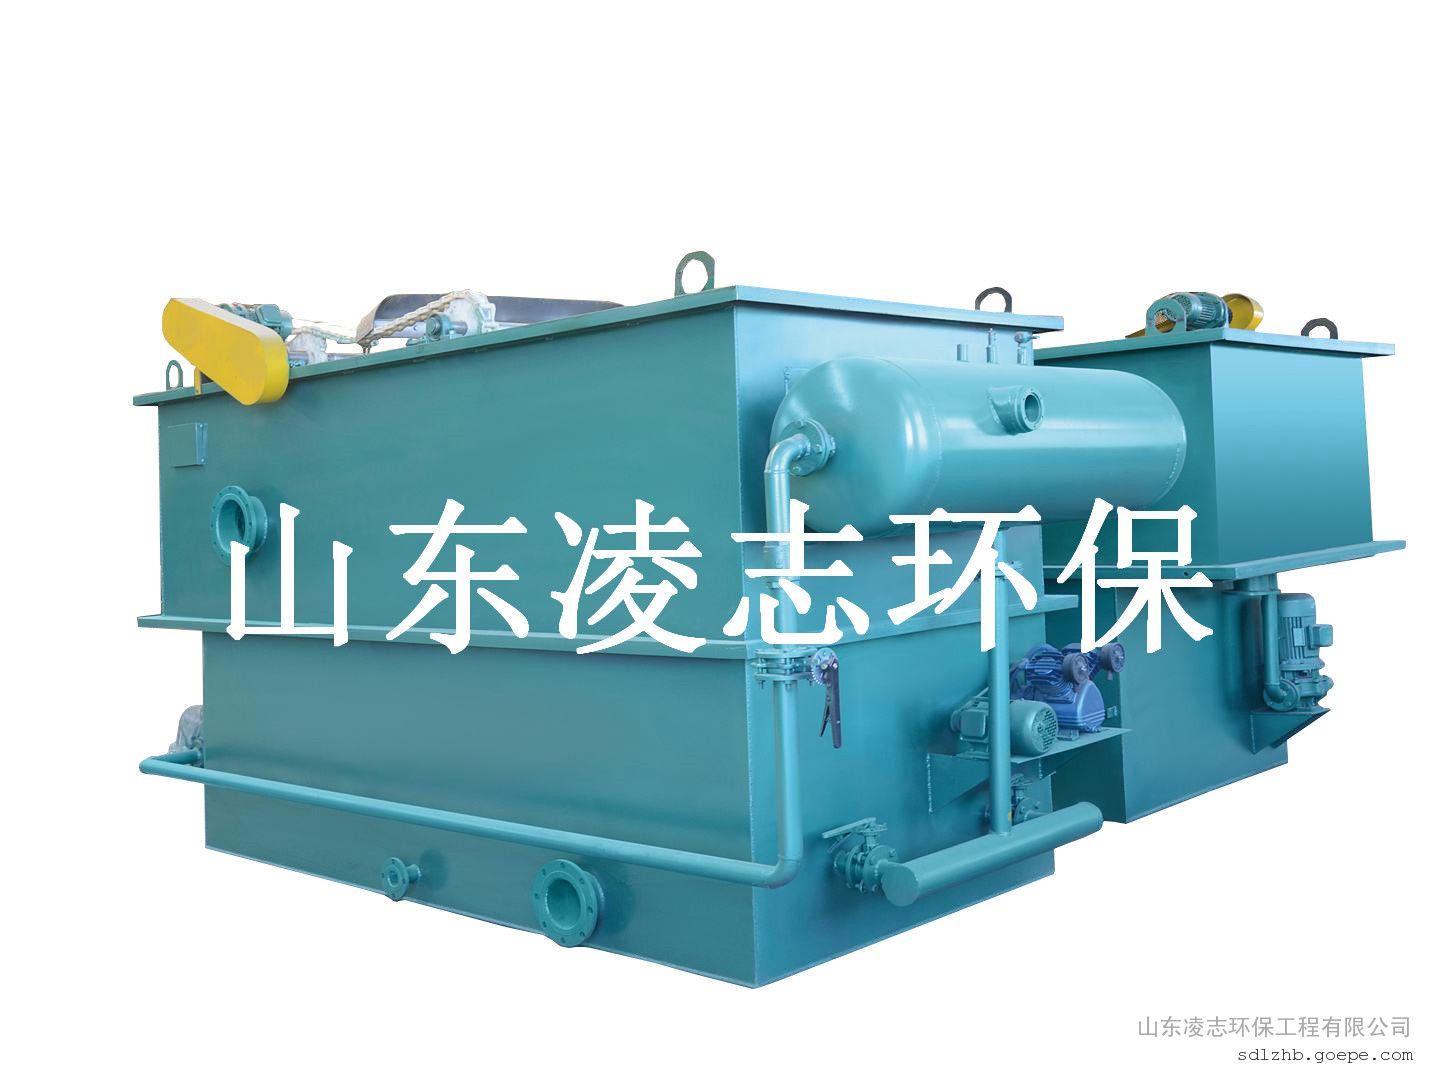 污水处理设备 生活污水 养殖污水 工业废水 医院废水 工业废水